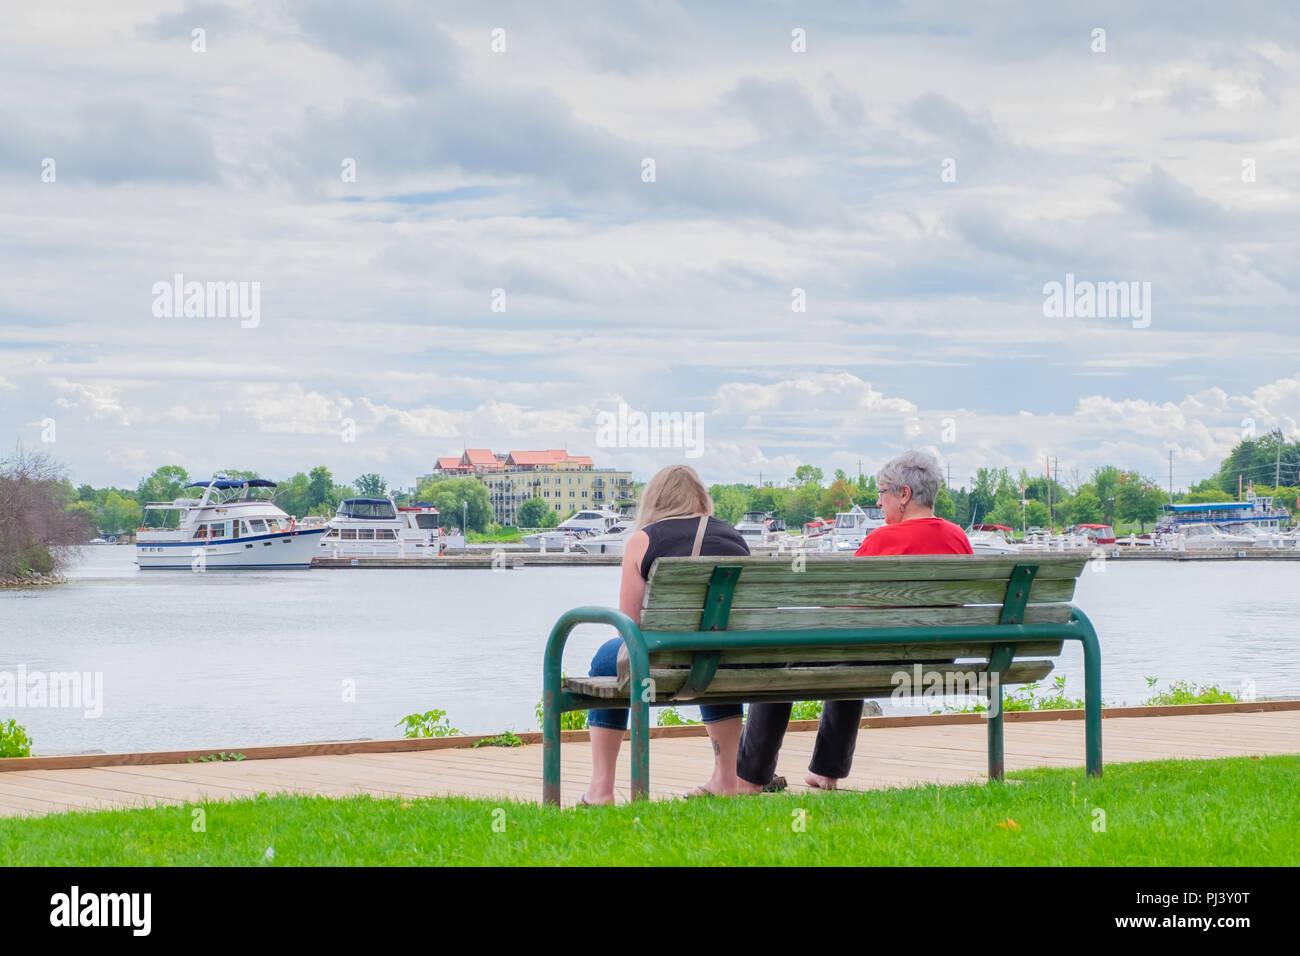 Dos mujeres sentadas en un banco cerca del paseo marítimo a lo largo de la orilla del lago Couchiching en Orillia Ontario Canada. Foto de stock